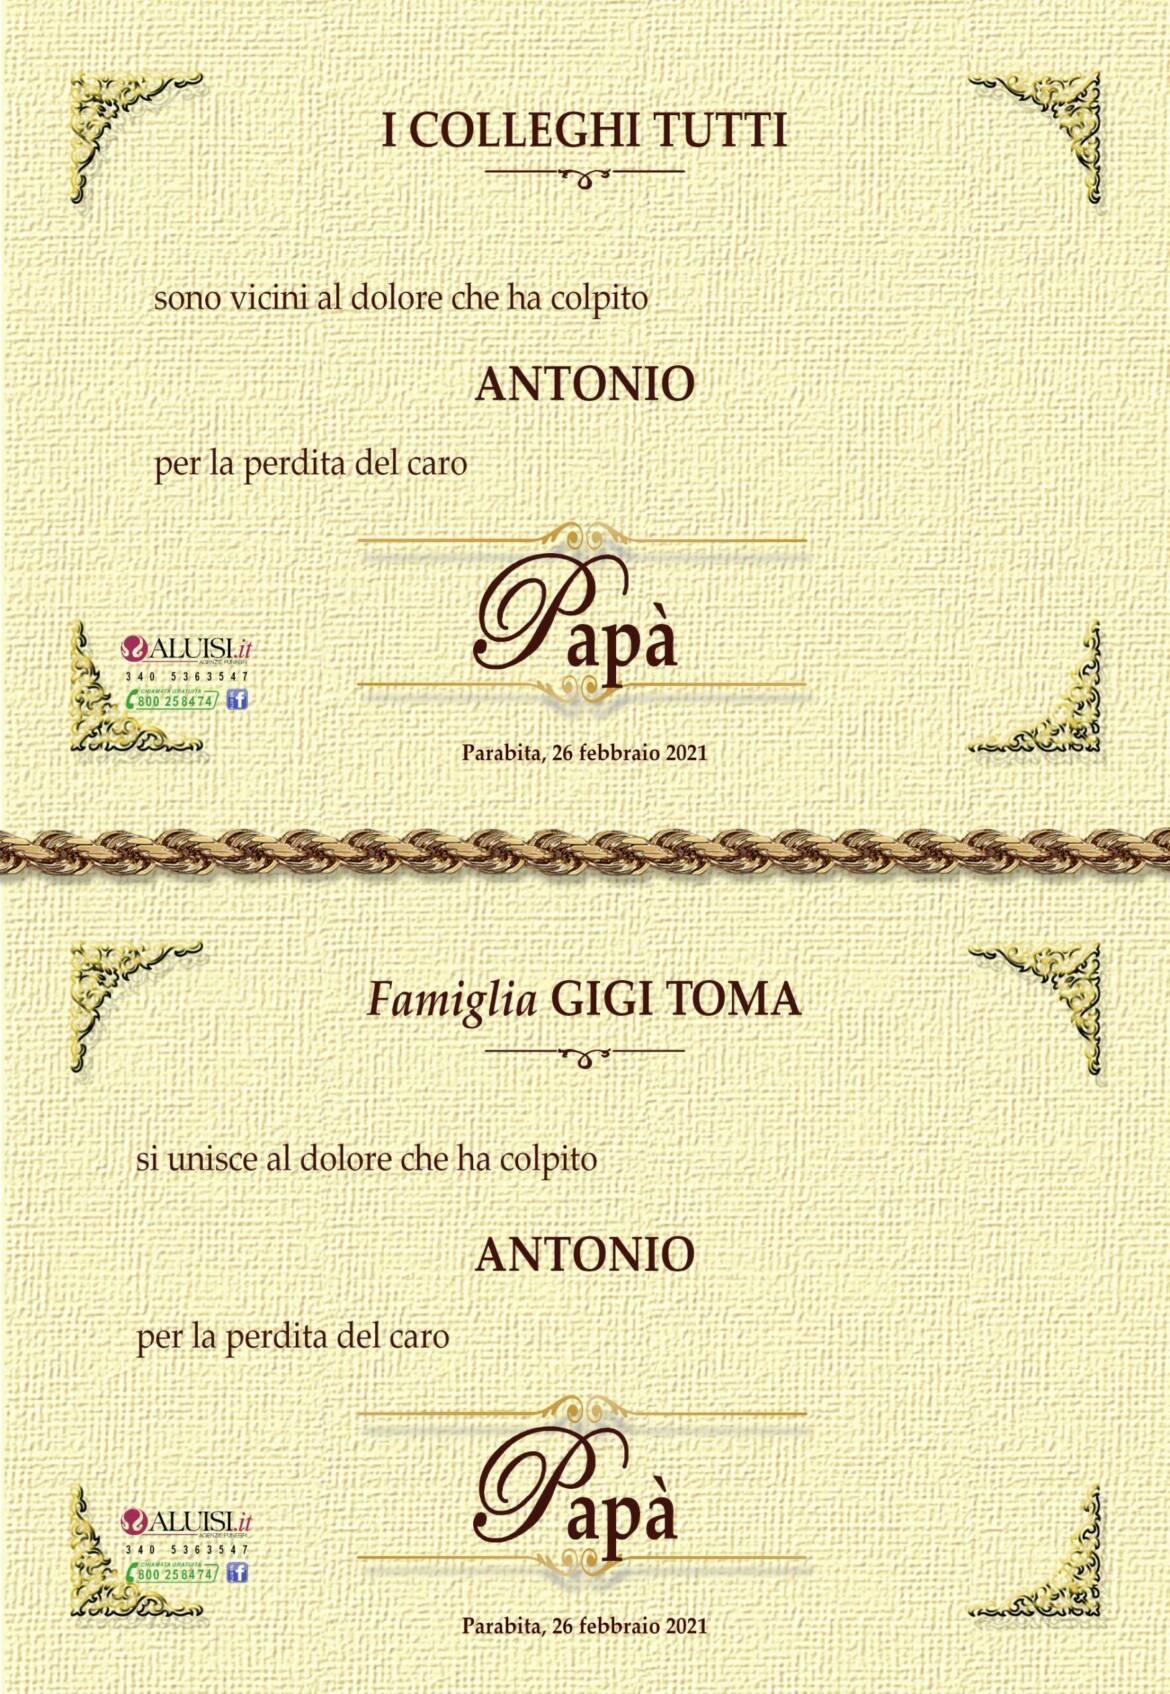 PARTECIPAZIONE-ROCCO-ANTONIO-CORONESE-PARABIA-scaled.jpg